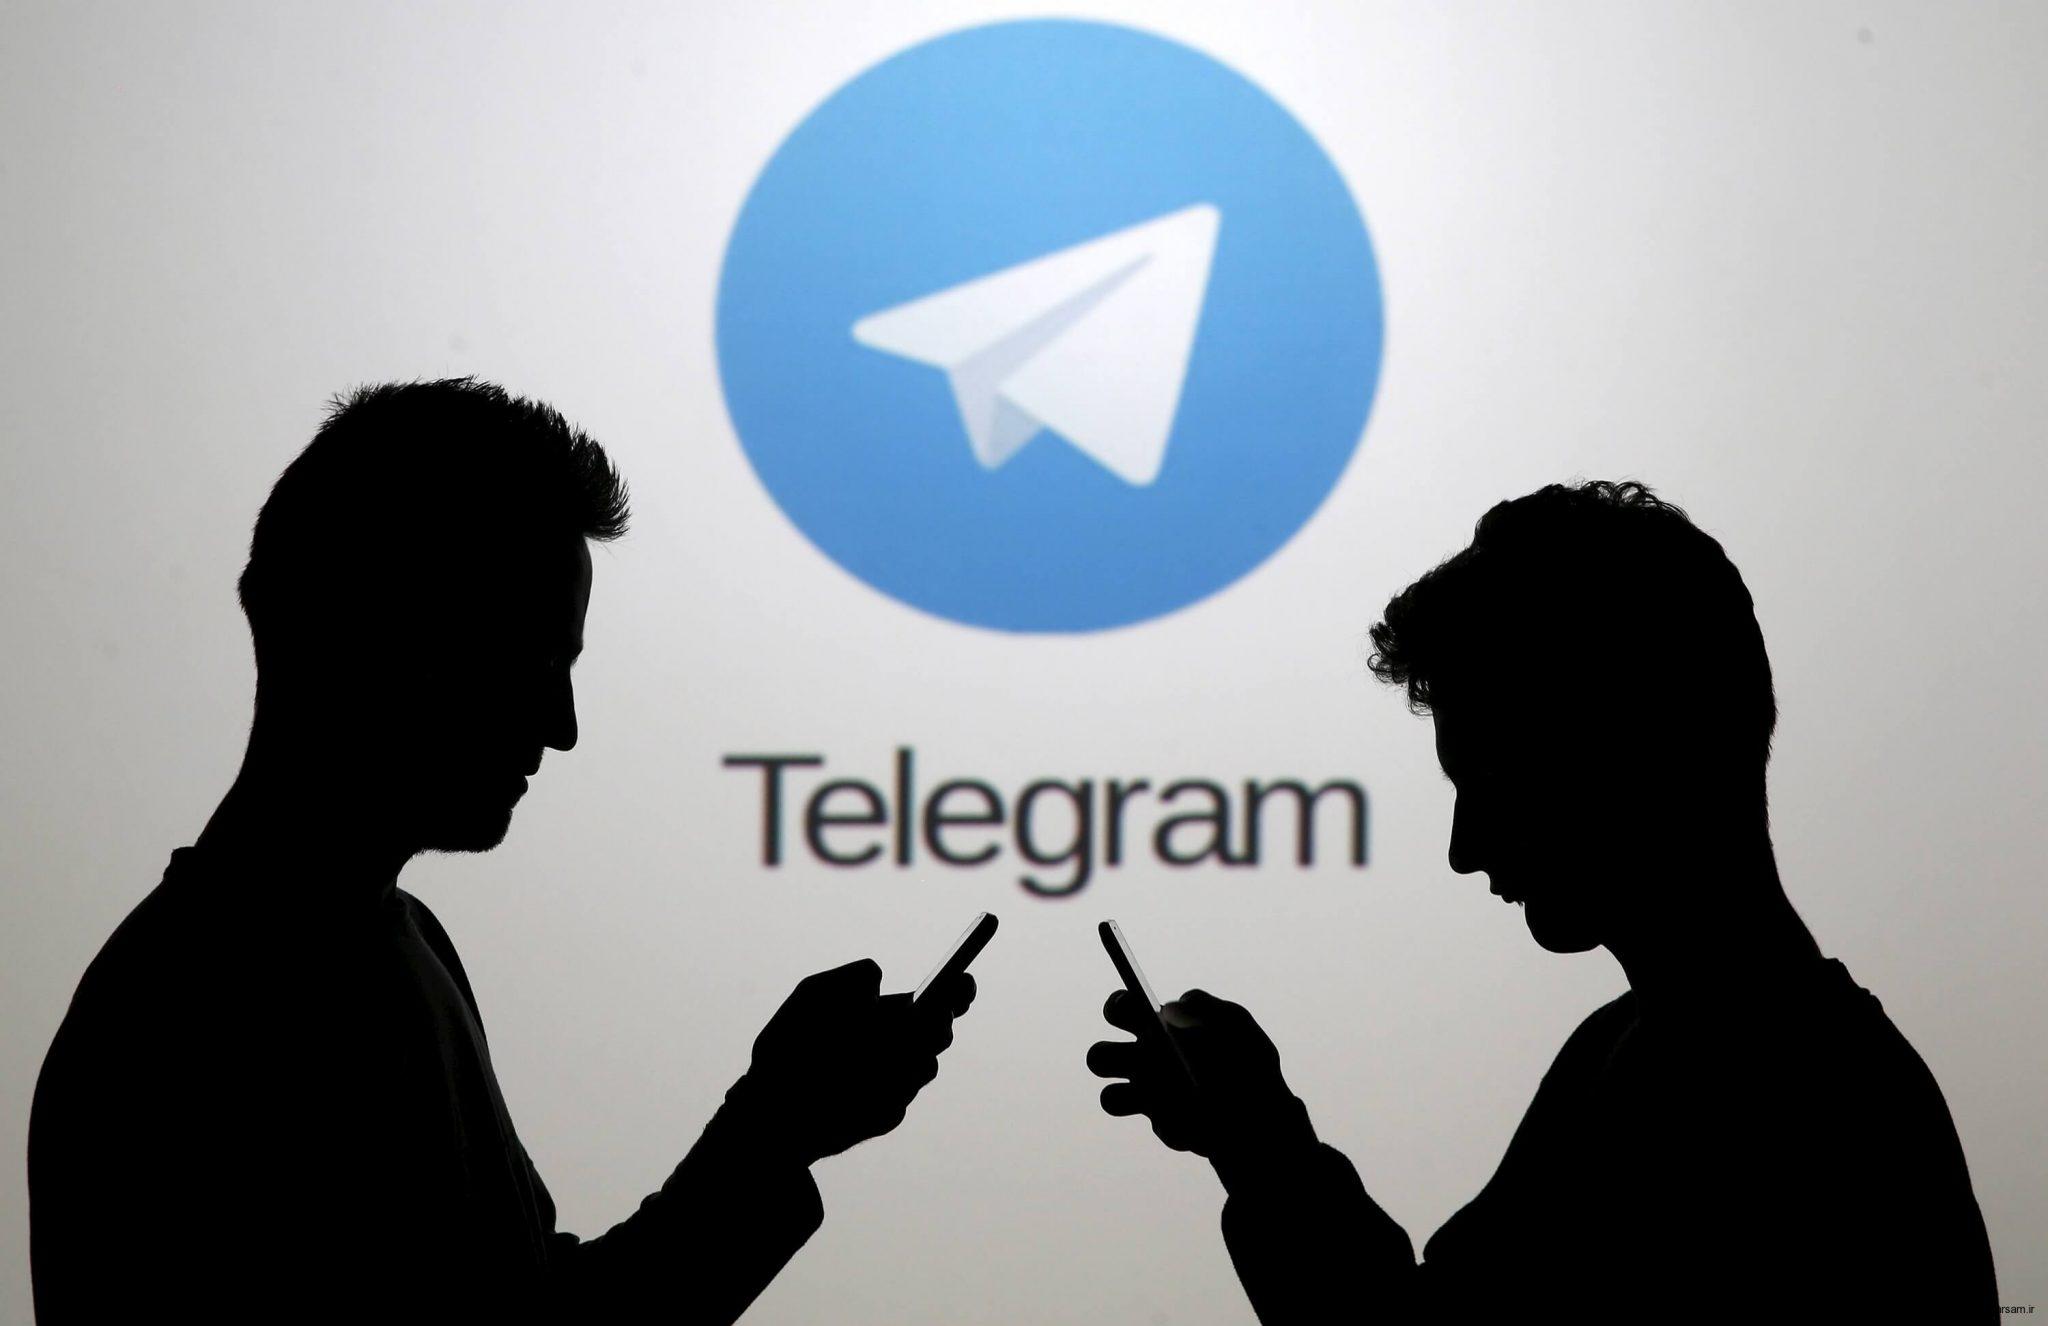 آشنایی با سکرت چت و گفتگوی محرمانه تلگرام